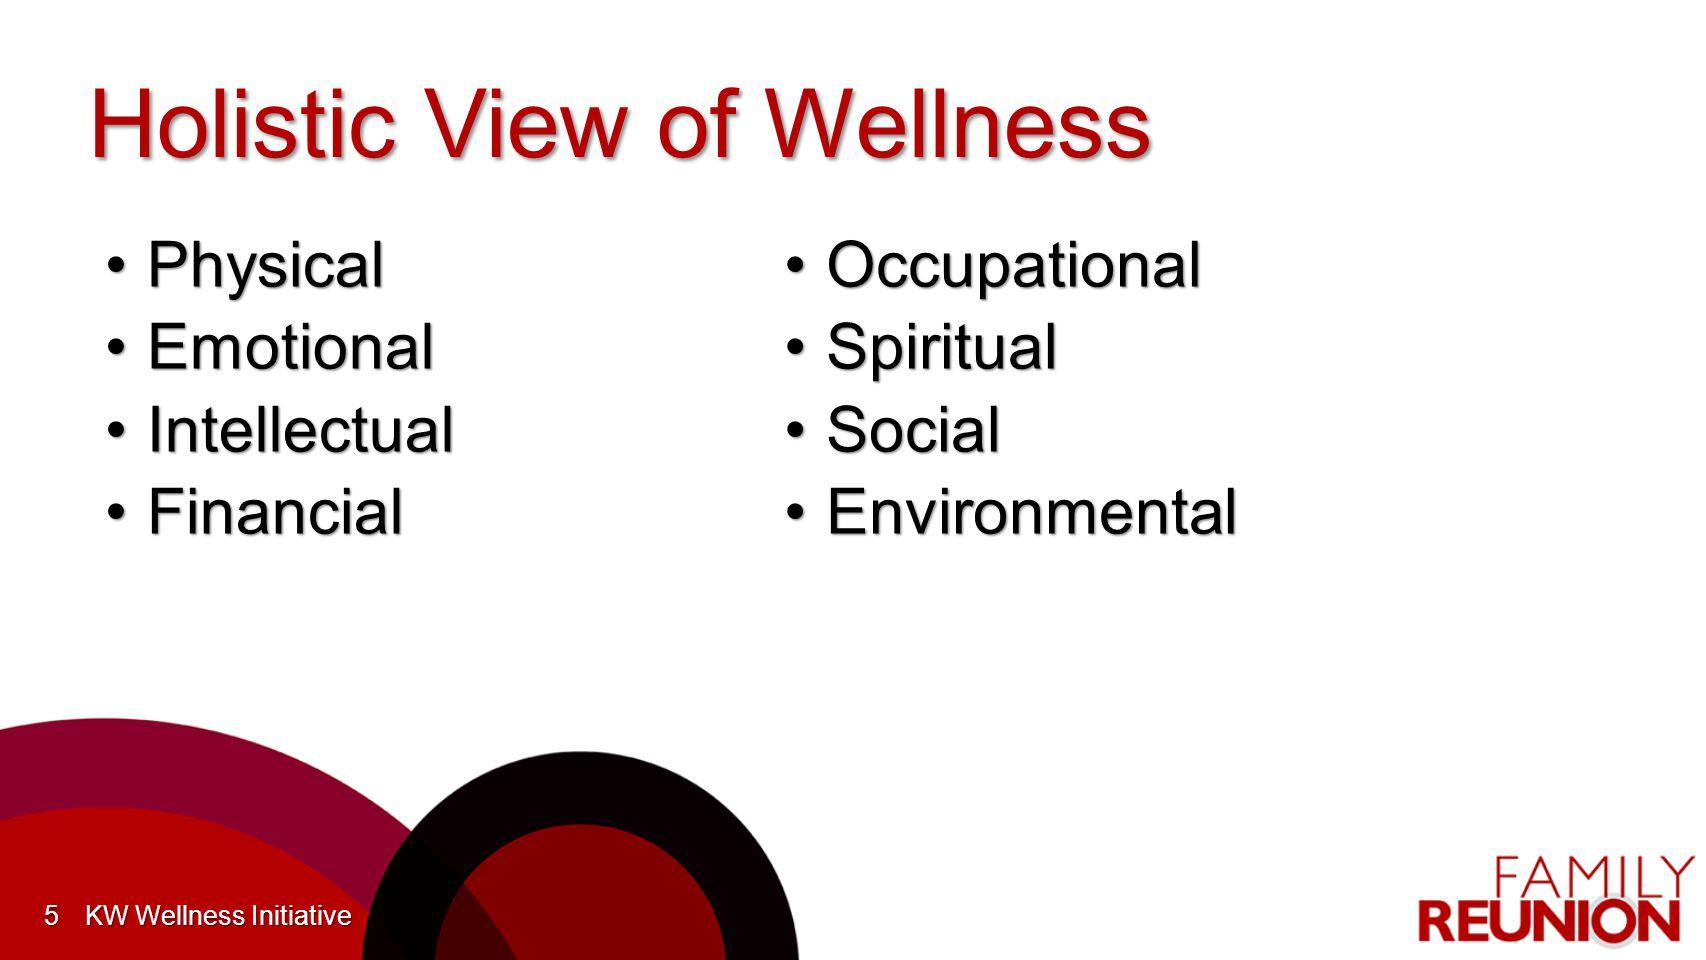 KW Wellness Day April 4, 2014 International KW Wellness DayApril 4, 2014 International KW Wellness Day 26 KW Wellness Initiative